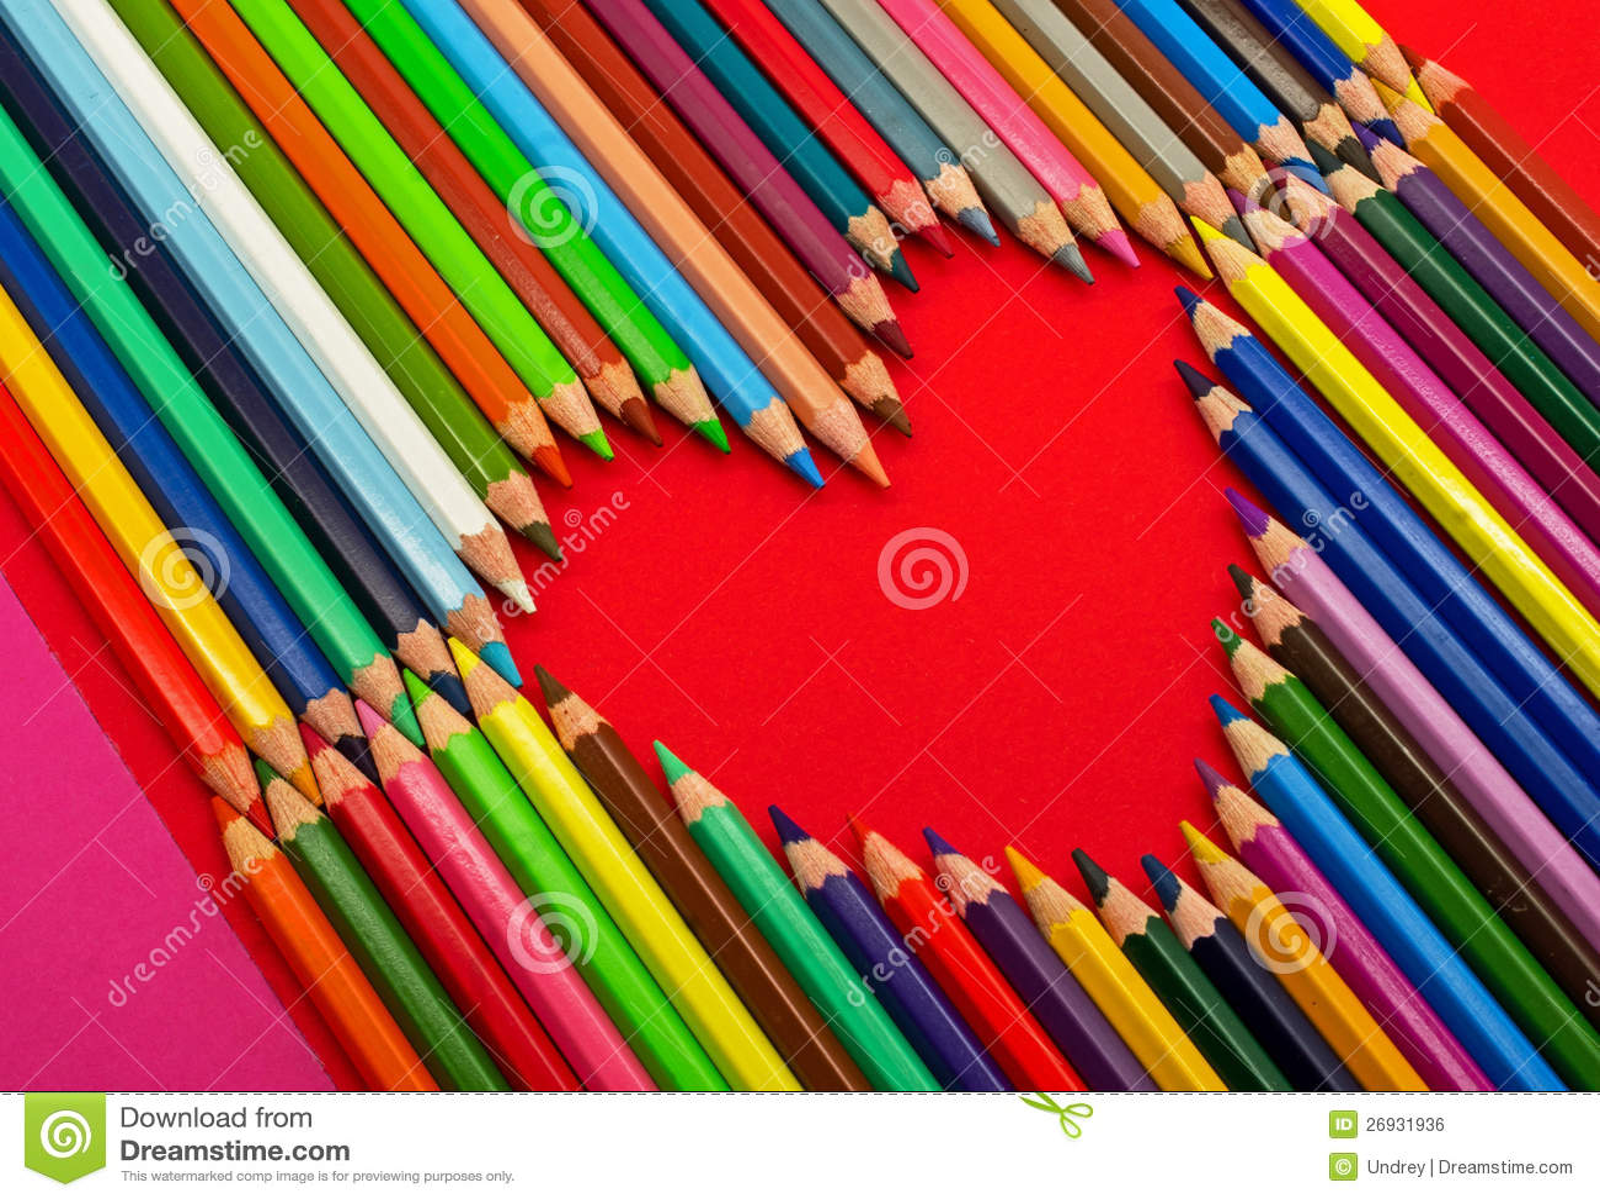 crayons de couleur coeur image libre de droits image. Black Bedroom Furniture Sets. Home Design Ideas